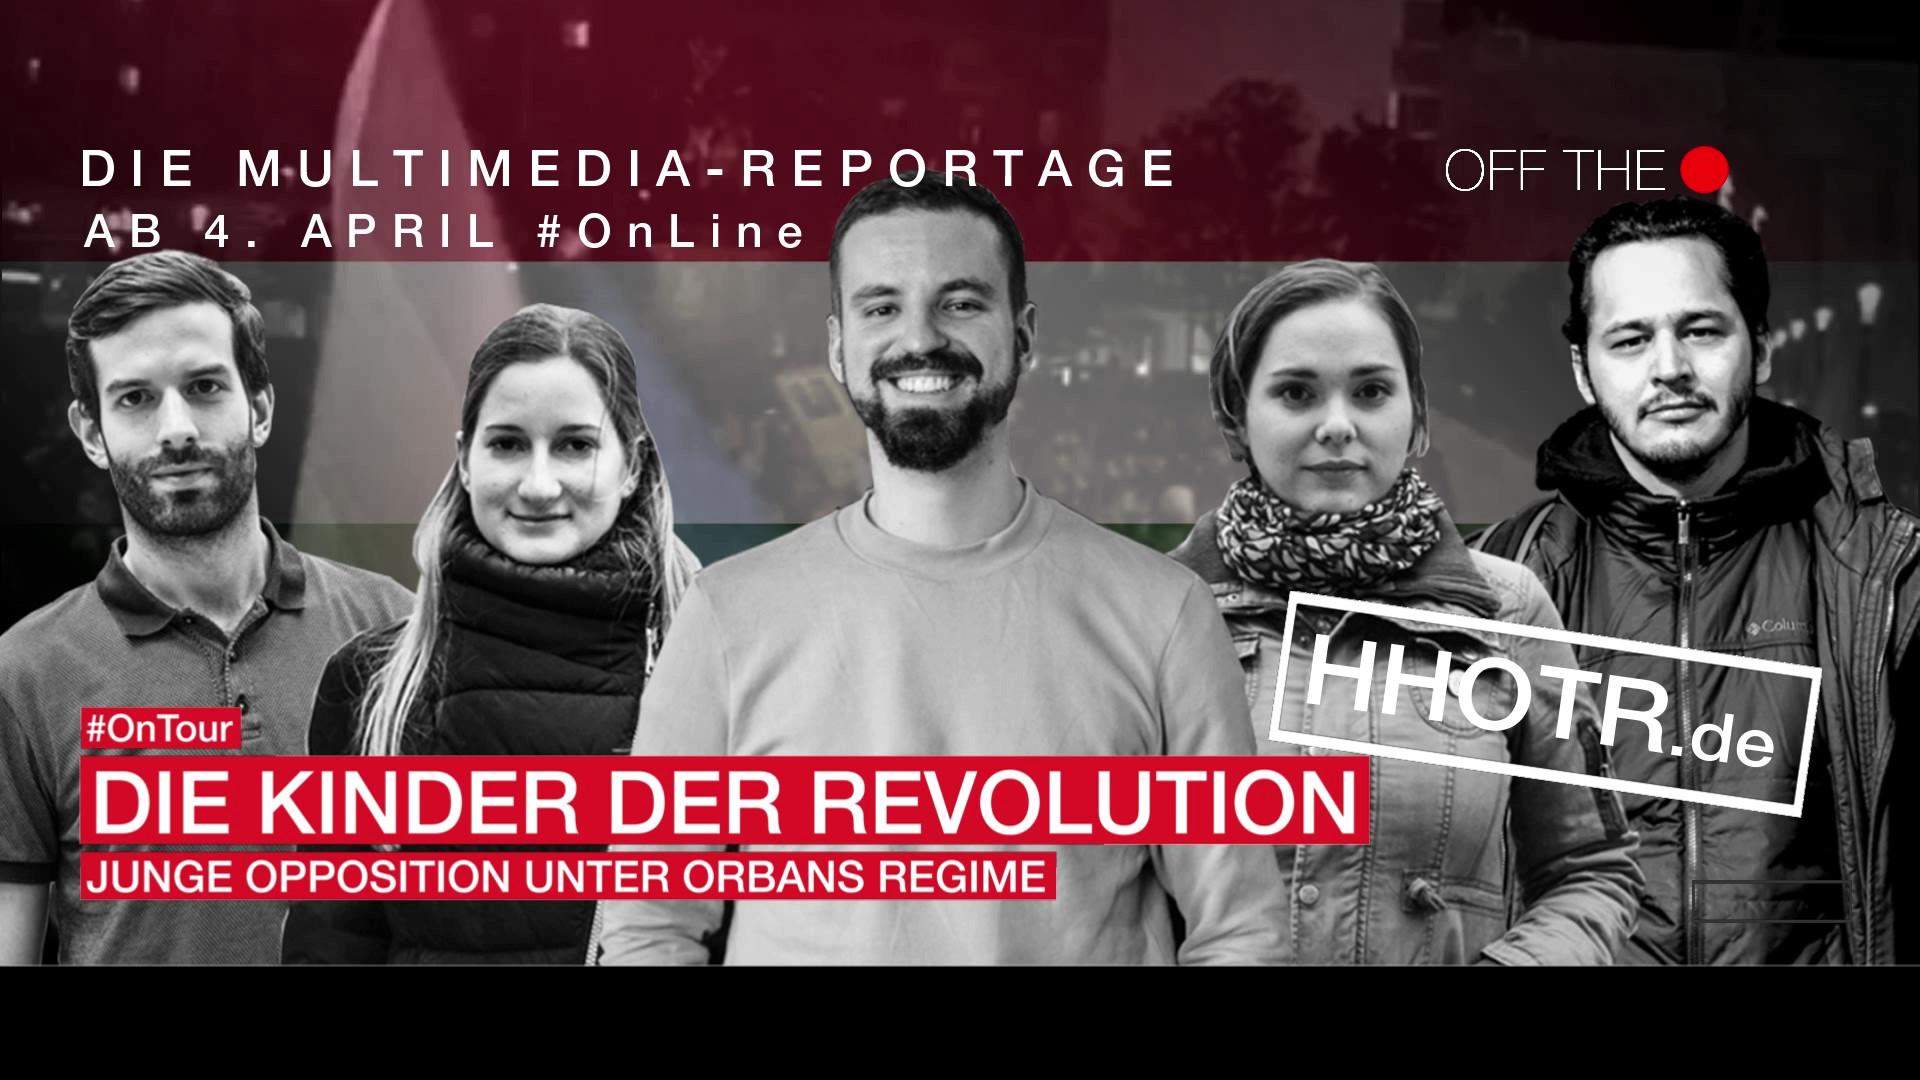 Die Kinder der Revolution. Junge Opposition unter Orbans Regime Scrollytelling Off The Record OnTour wahlen ungarn